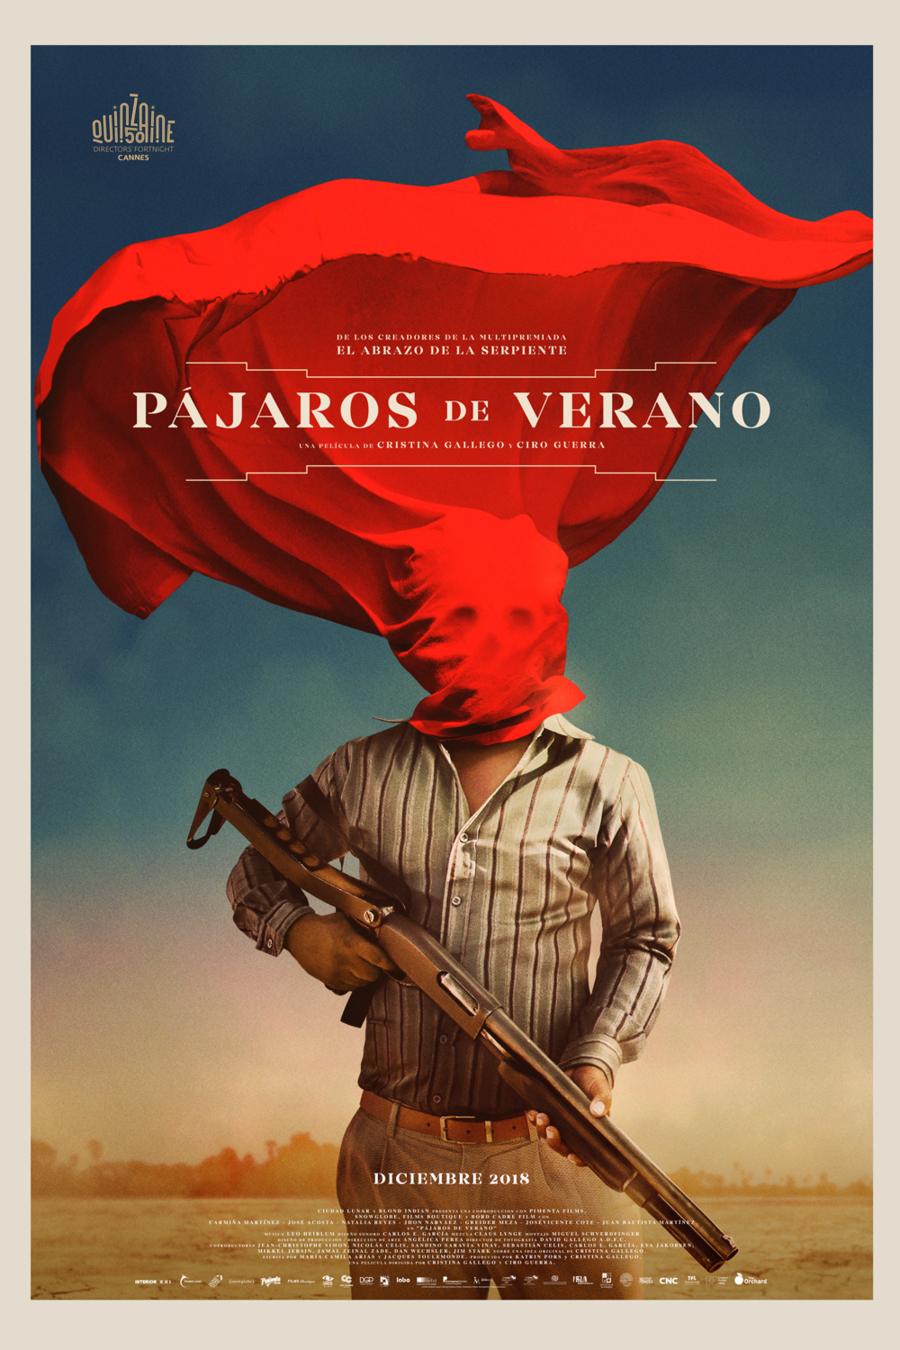 """FilmInLatino: """"Pájaros de Verano"""" gratis por 24 horas Pelicula multipremiada. Y más contenido gratis"""